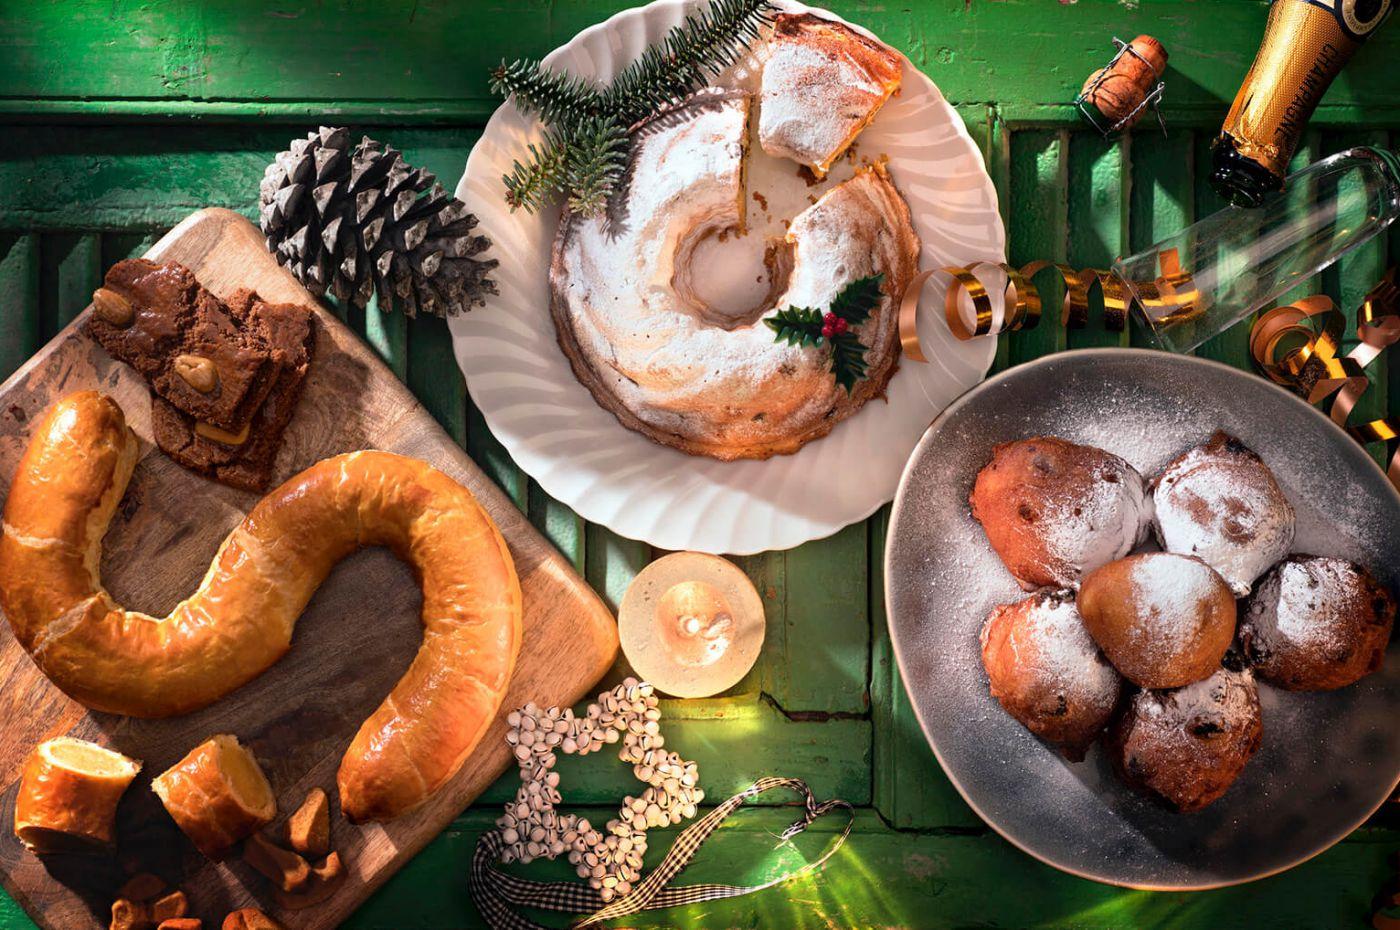 Op zoek naar kadopakketten voor sint, kerst of als eindejaarsgeschenk?